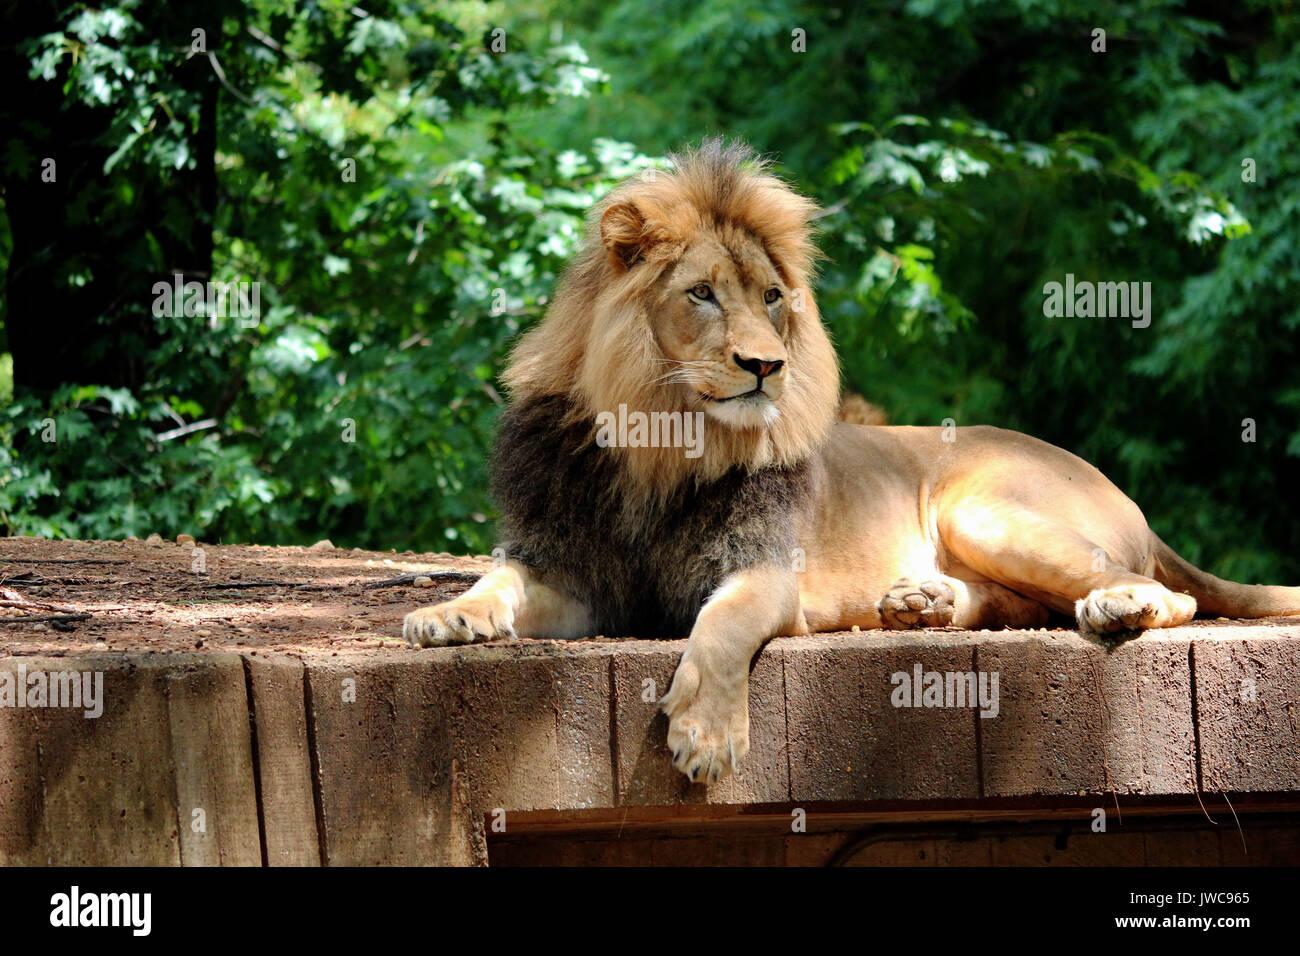 Un lion se détendre dans son habitat avec un fond vert. Photo Stock